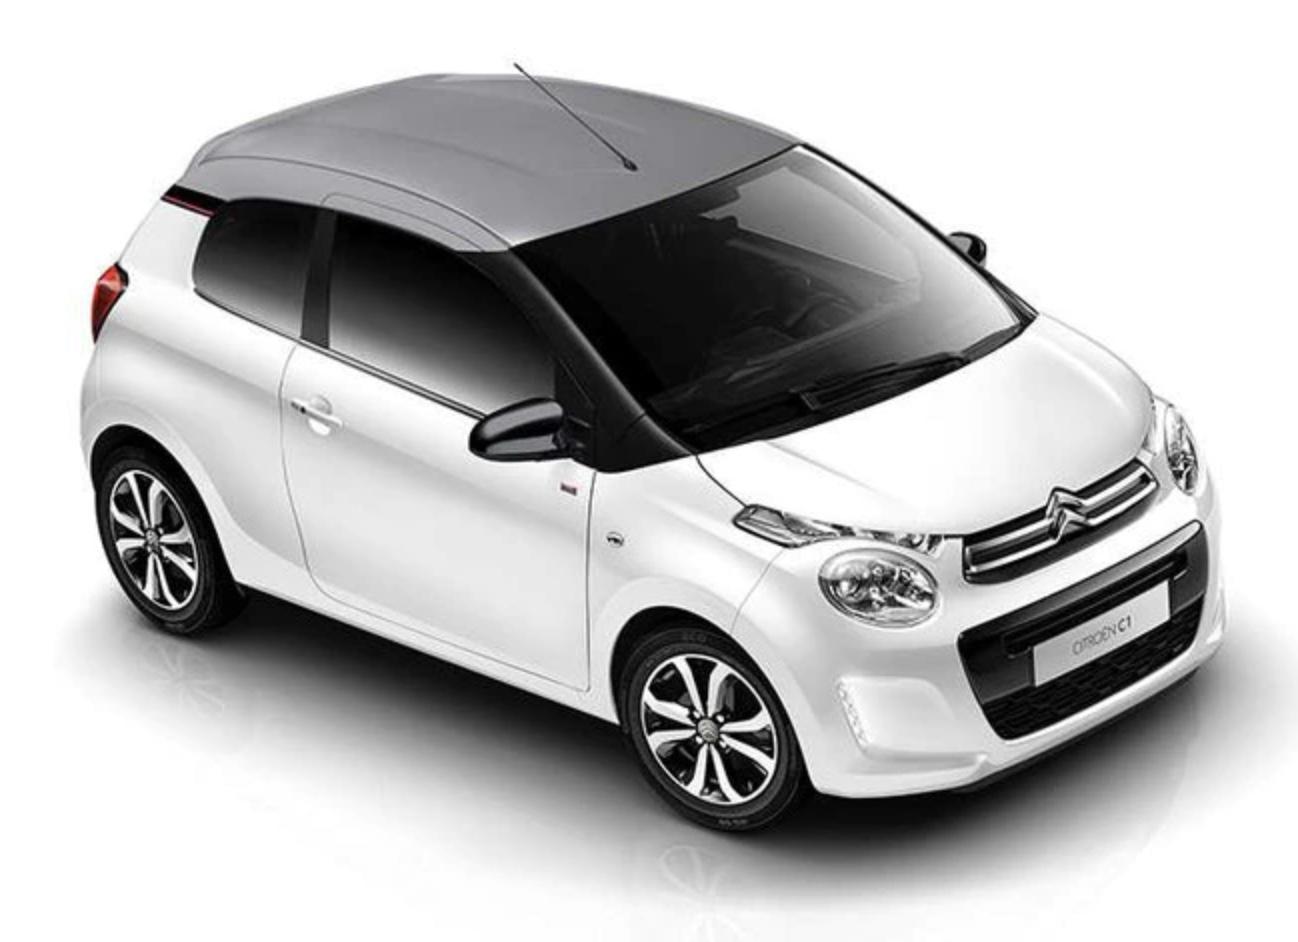 Code promo Atlas for Men : 1 voiture modèle Citroën C1 et divers cadeaux à gagner